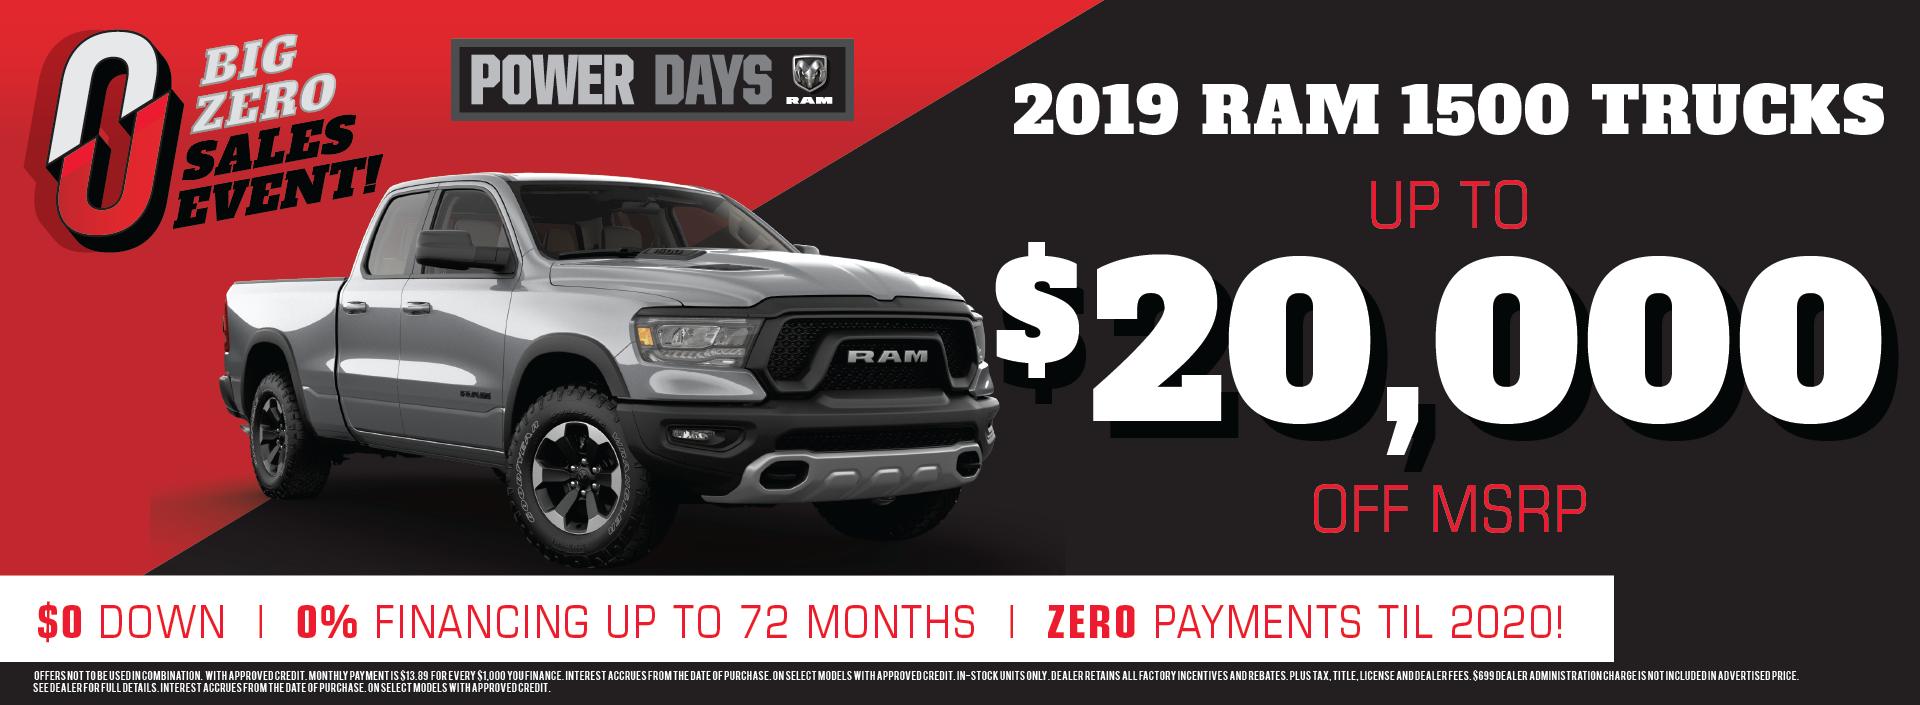 2019 RAM 1500 offer!